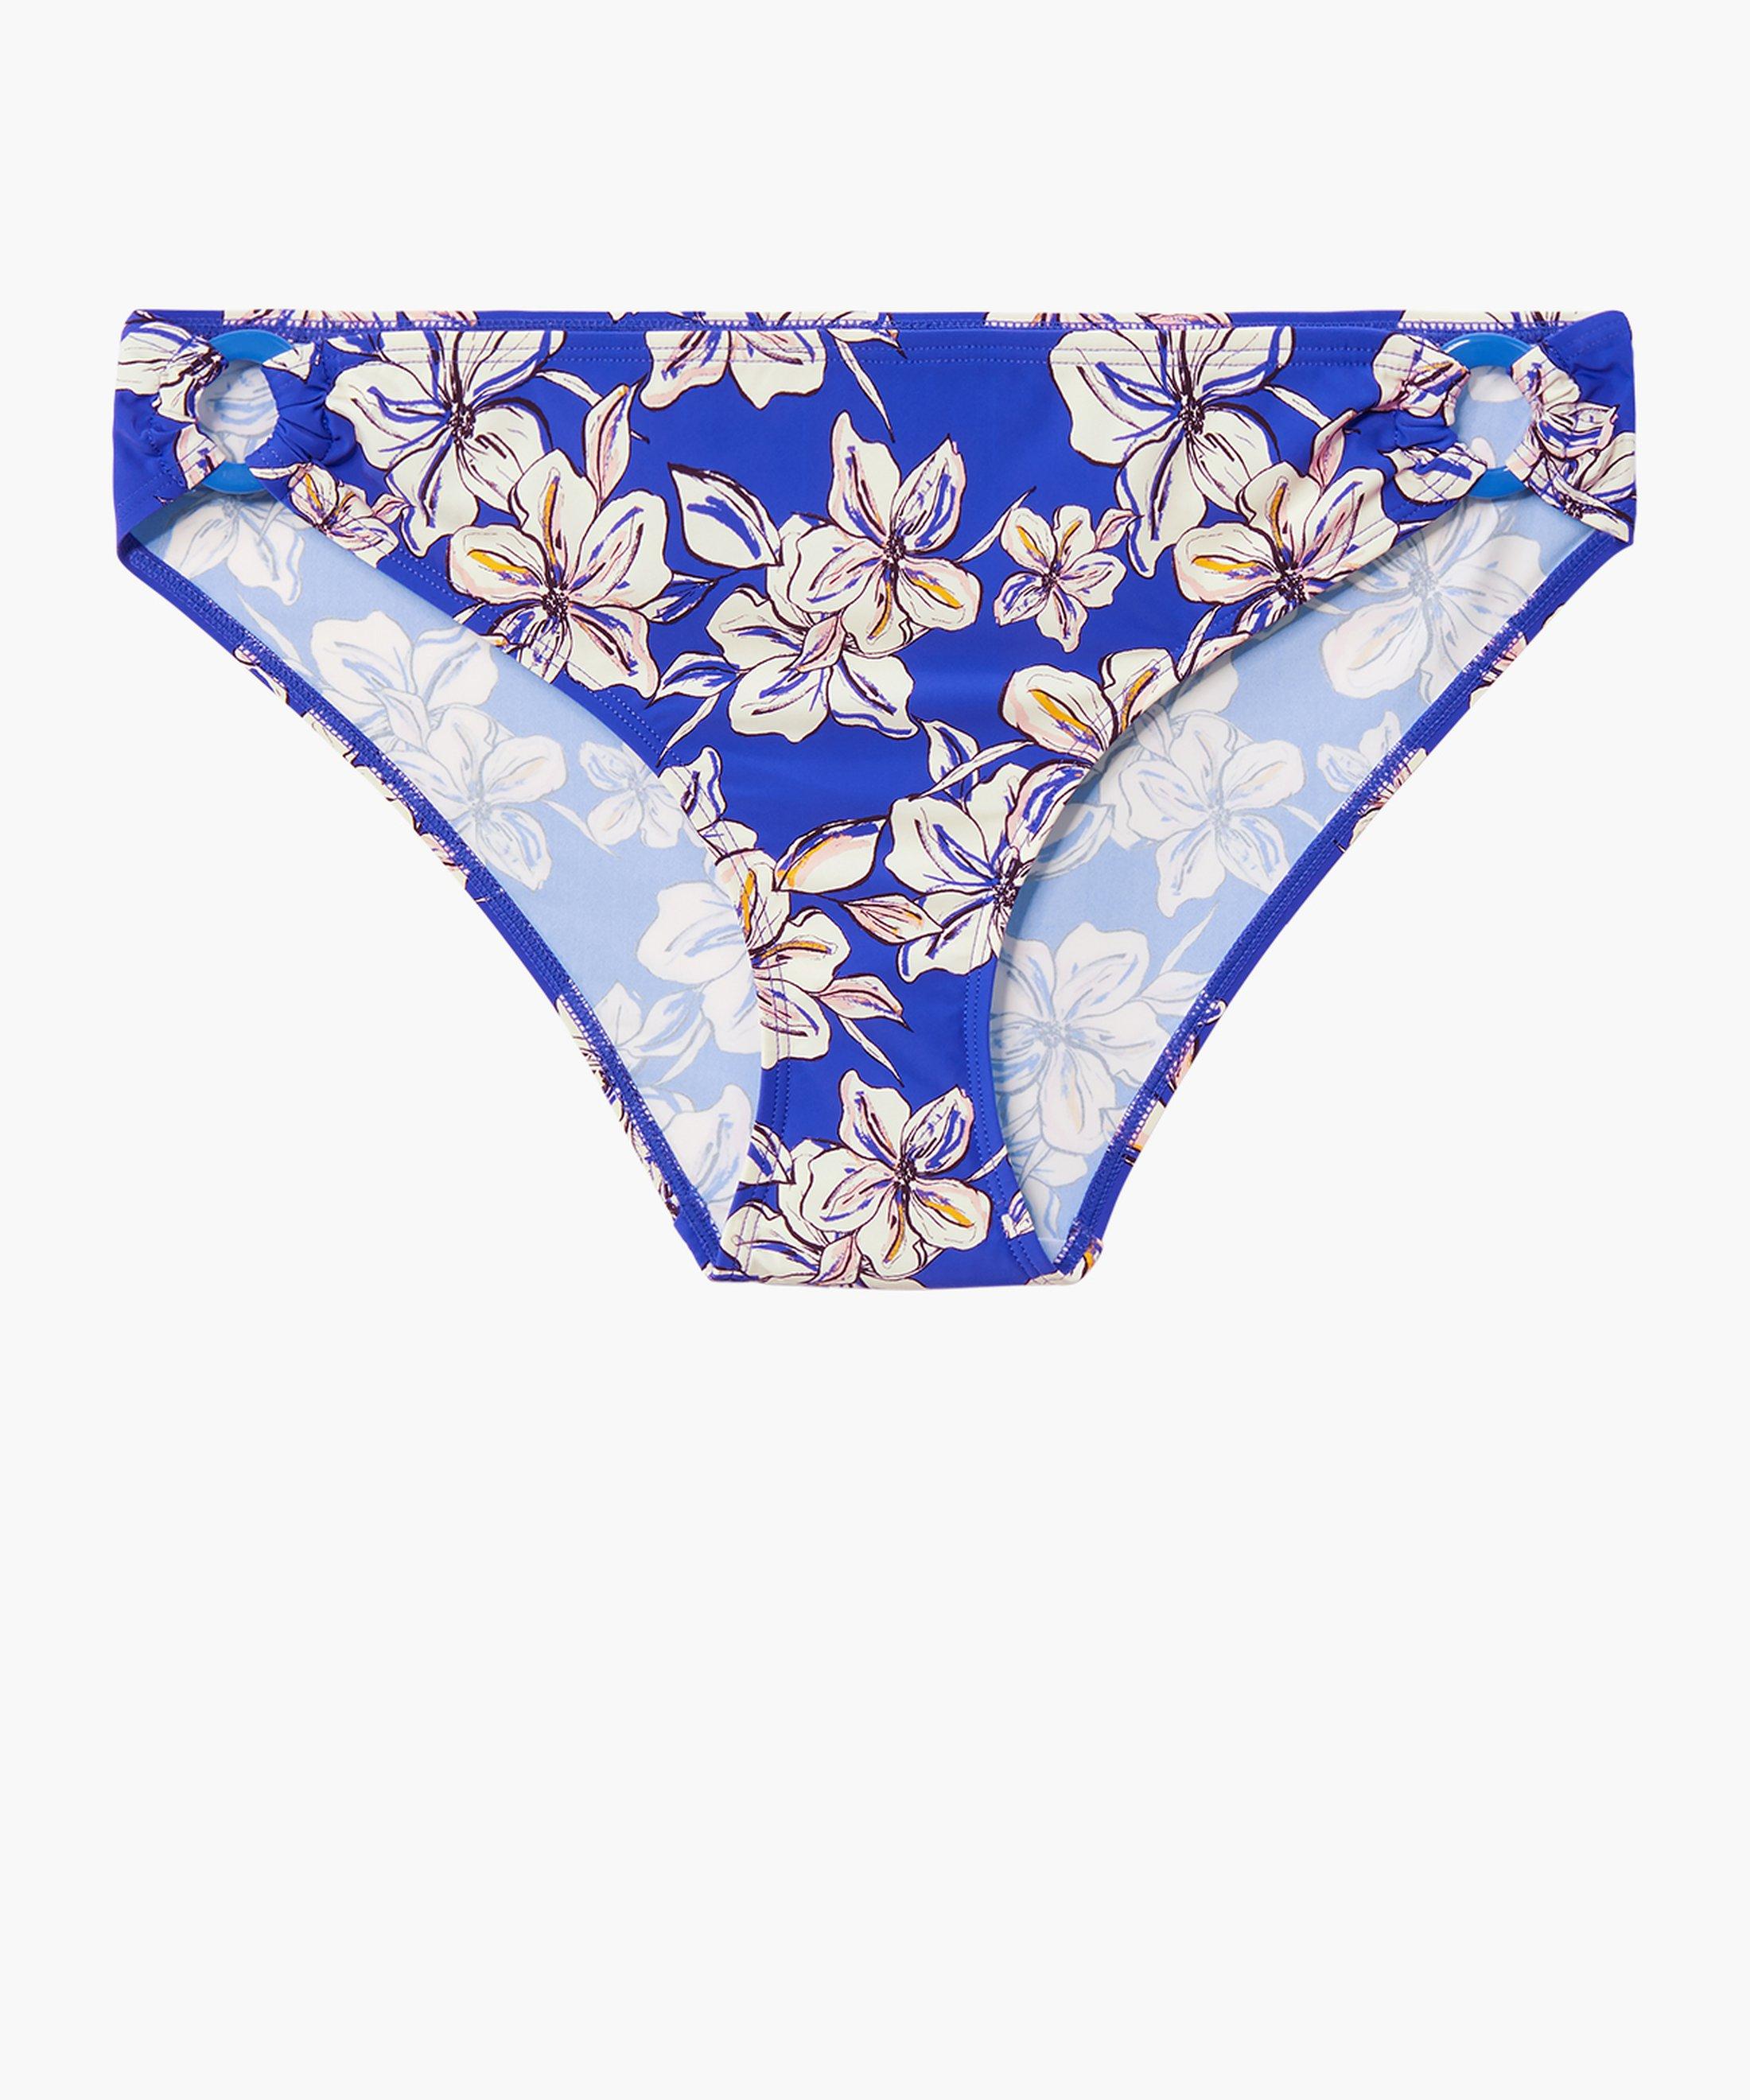 PARFUMS D'ÉTÉ Culotte de maillot de bain brésilienne Bleu Floral Glycine | Aubade